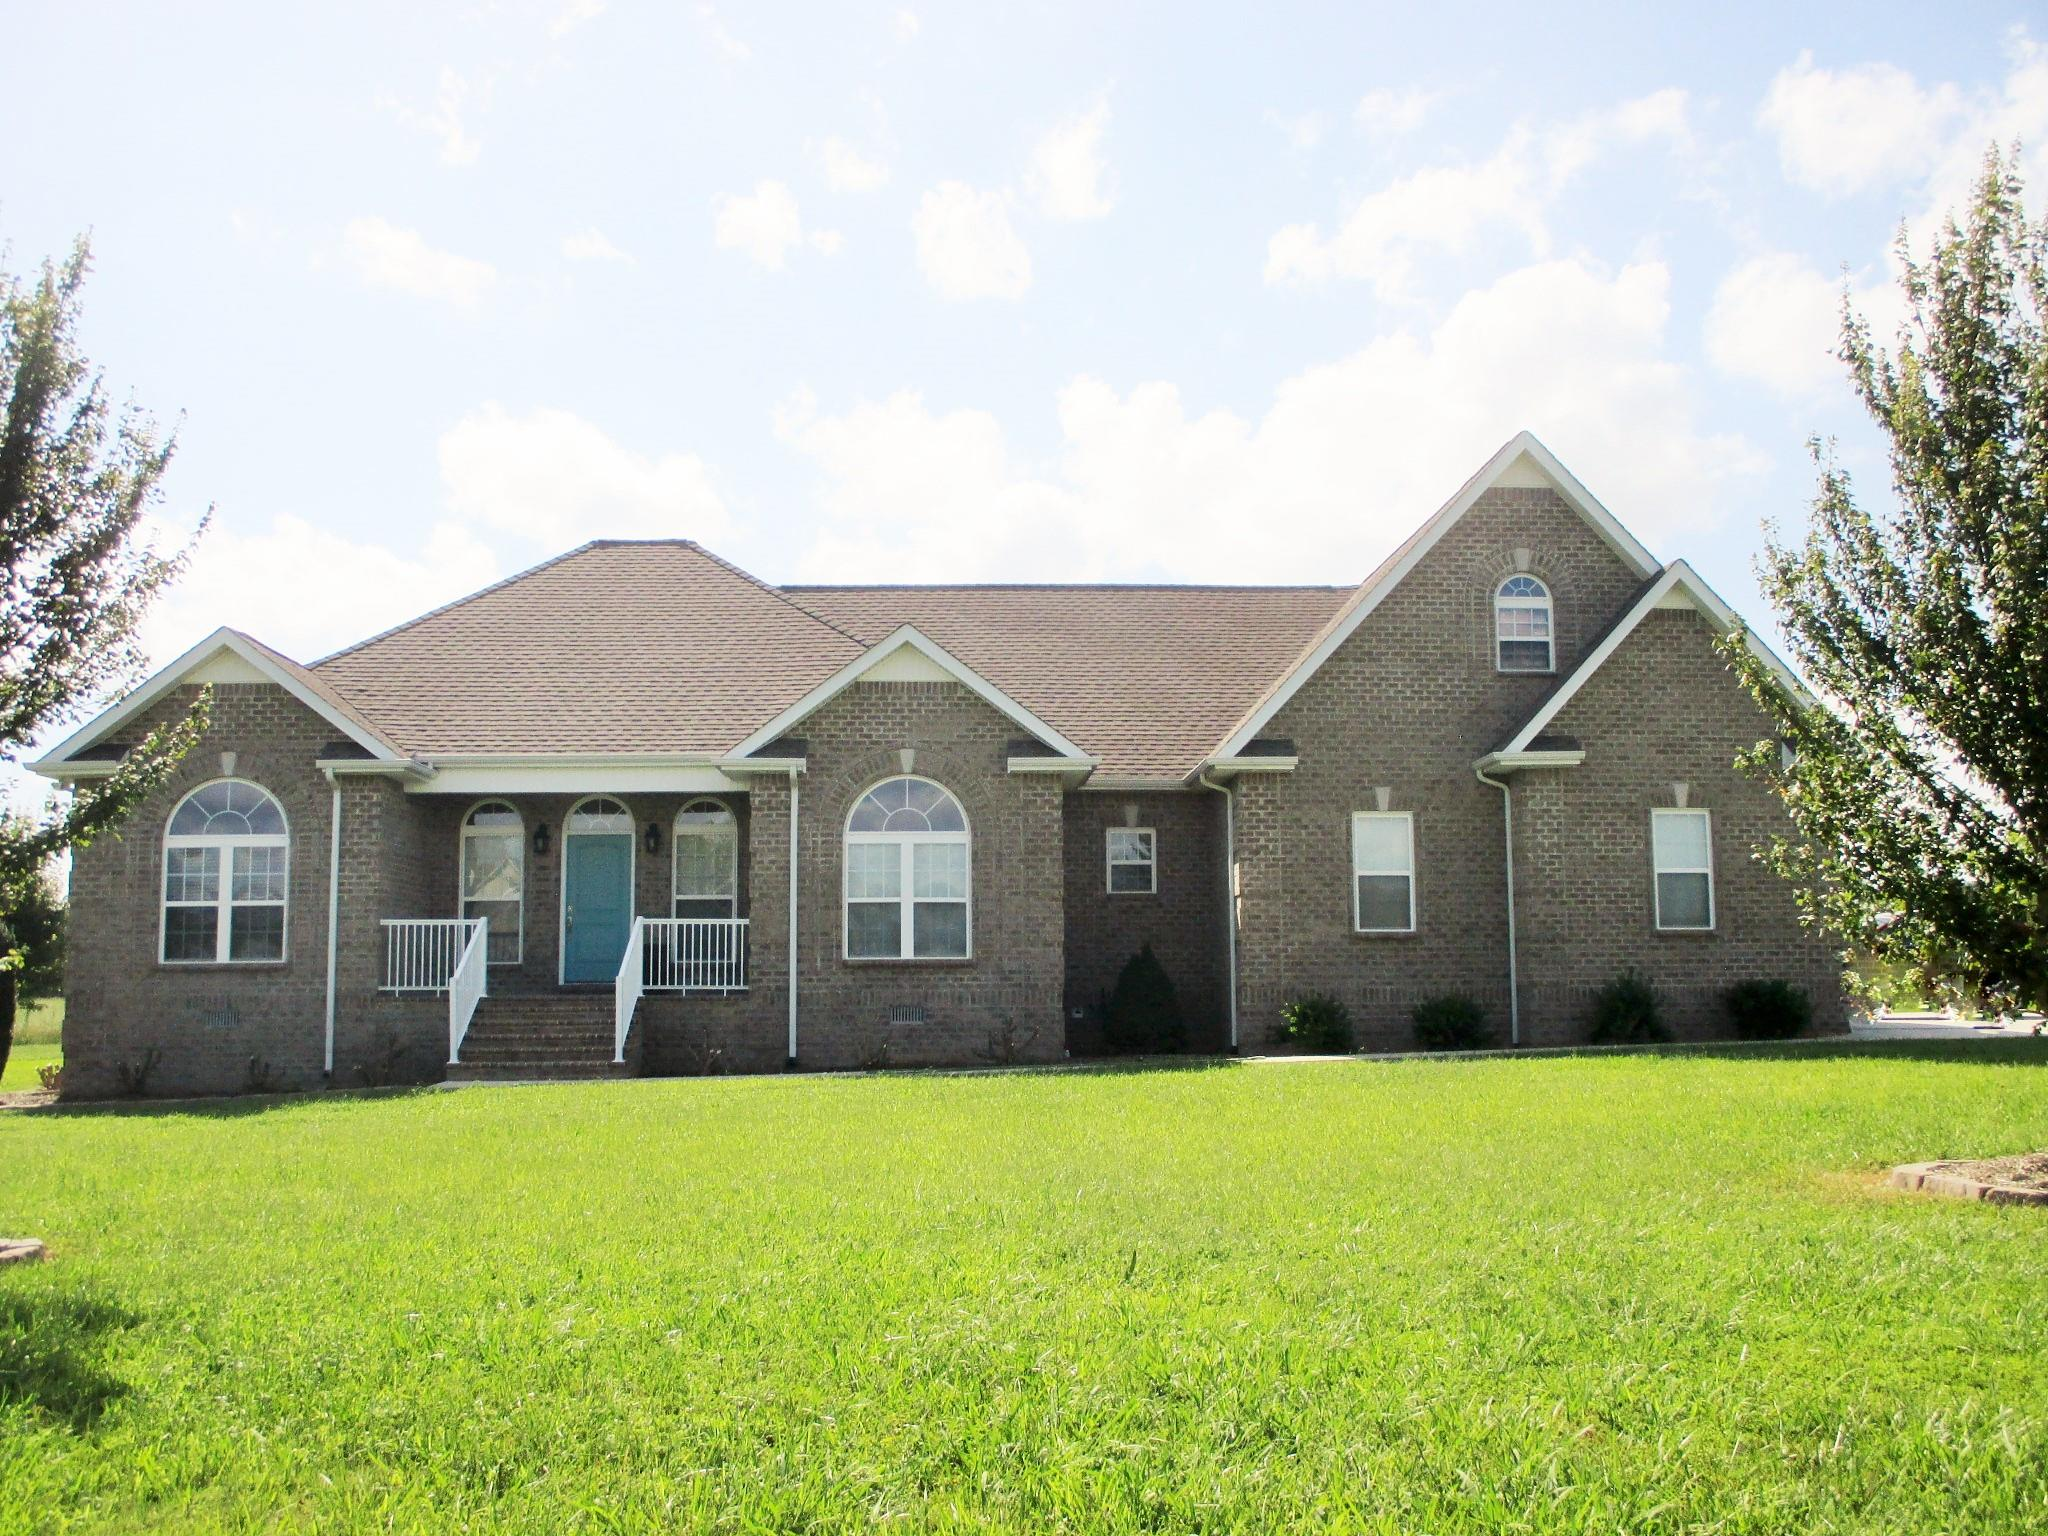 192 Hills Dr Hillsboro, TN 37342